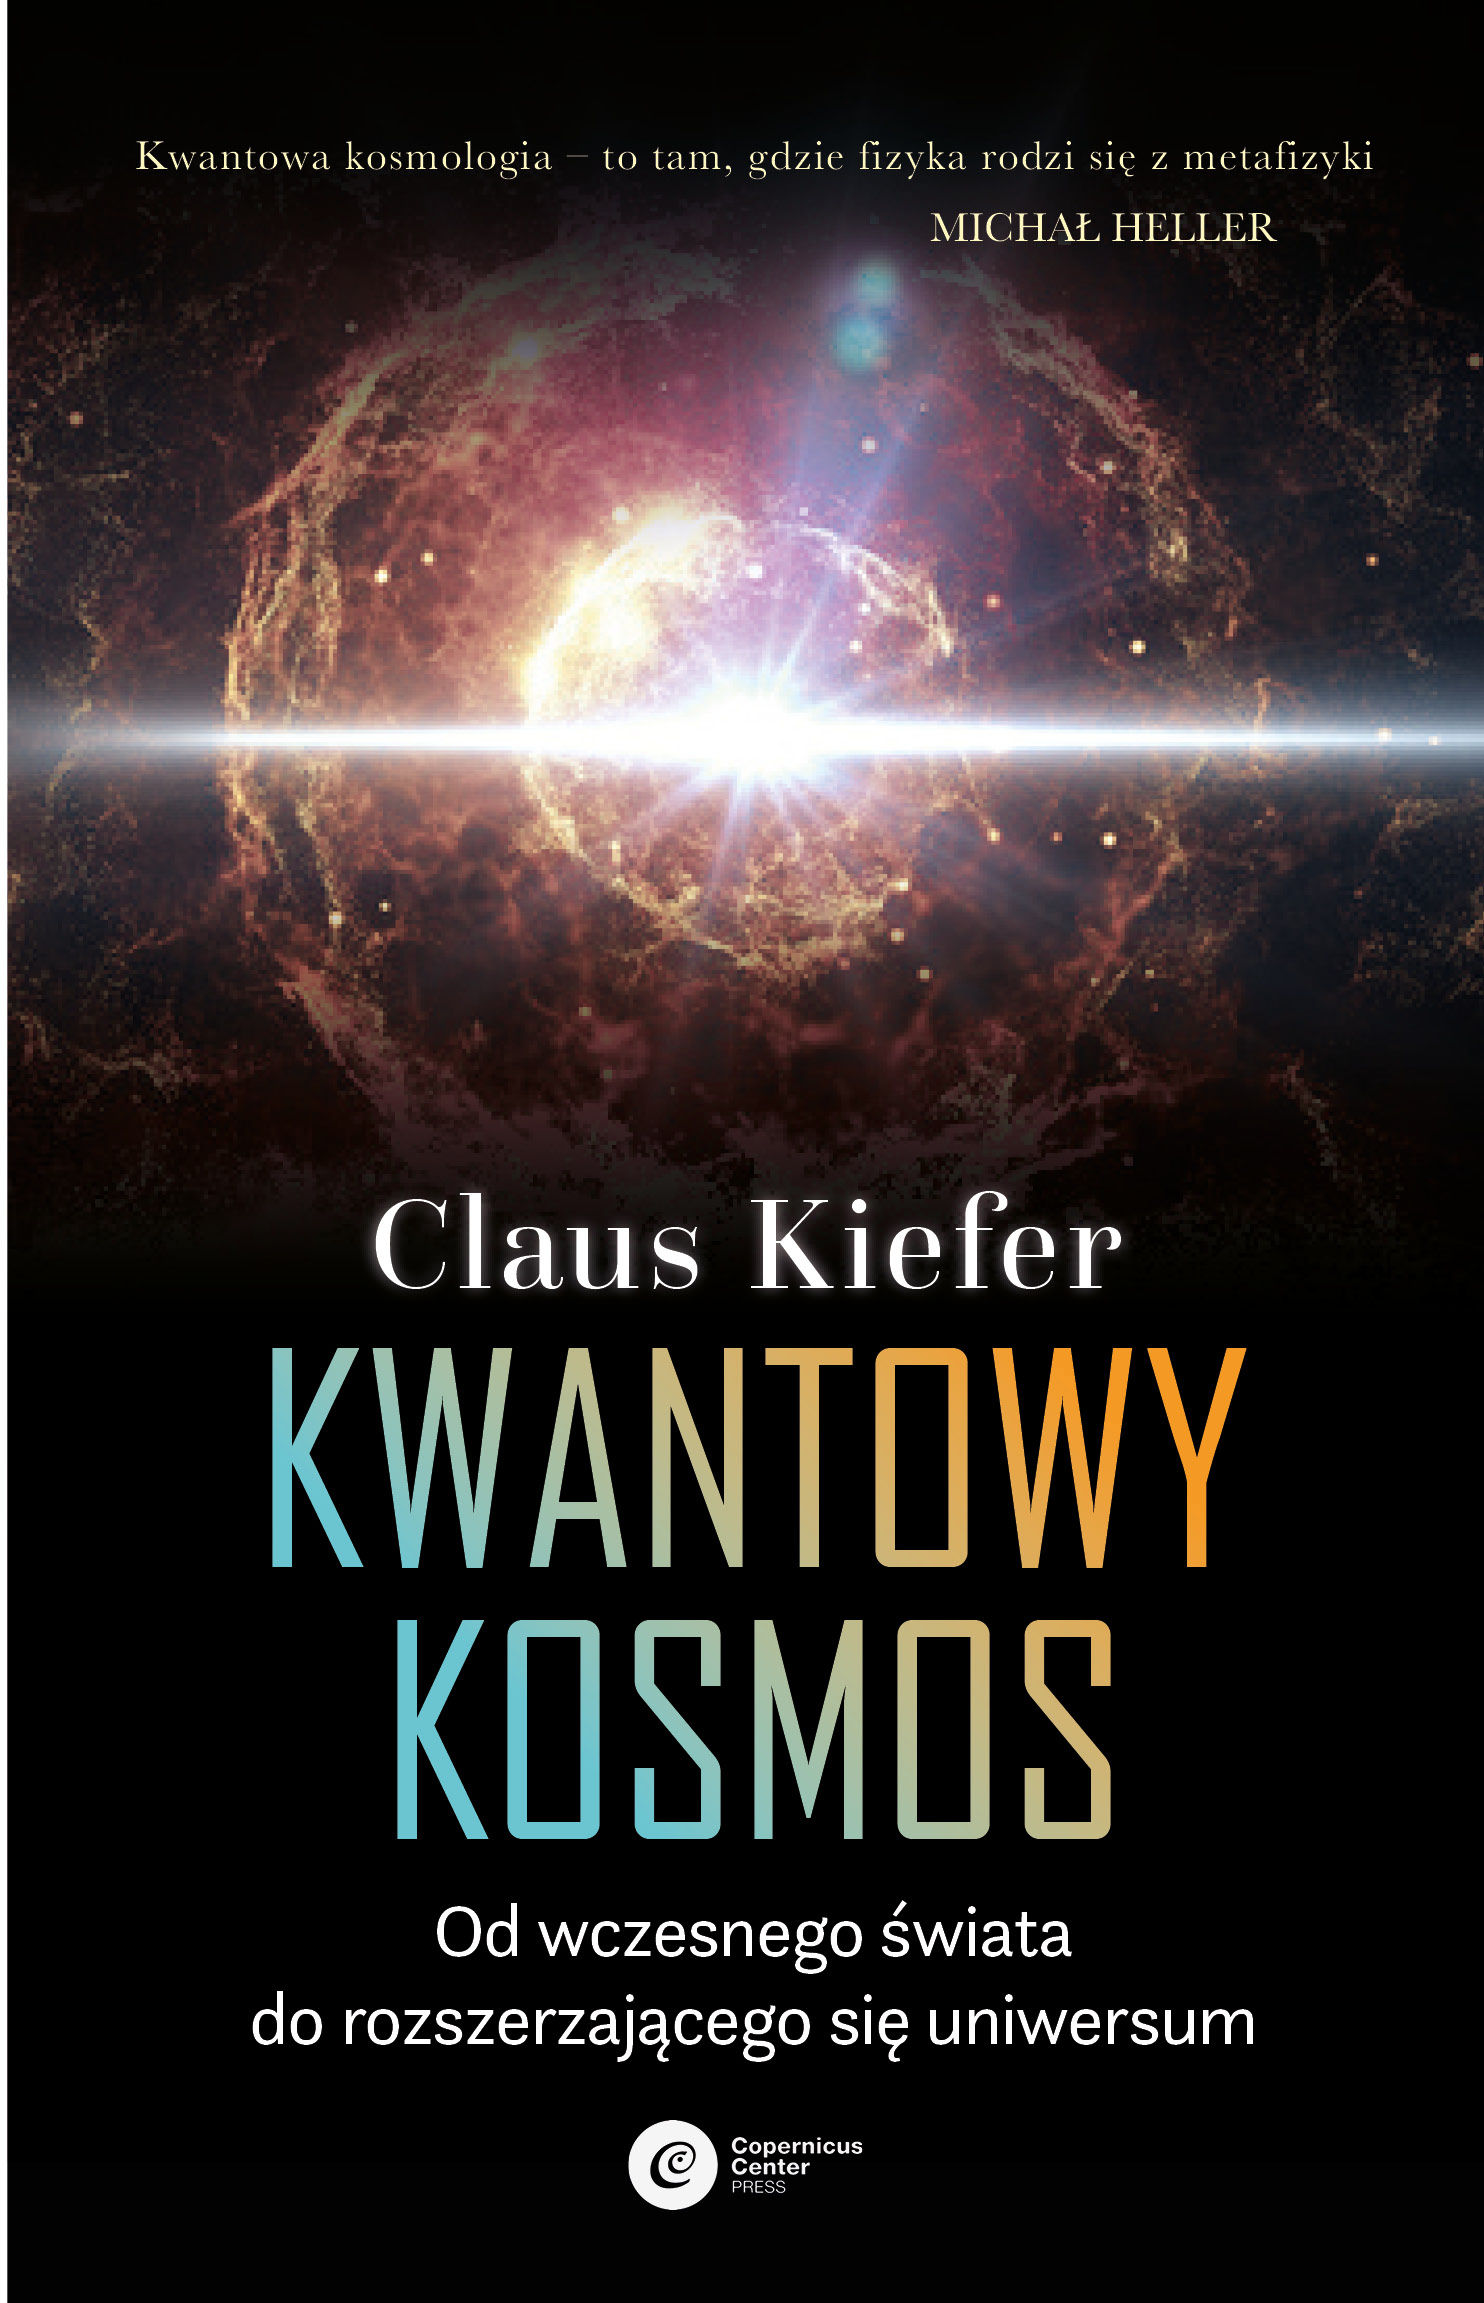 Kwantowy kosmos - Claus Kiefer - ebook